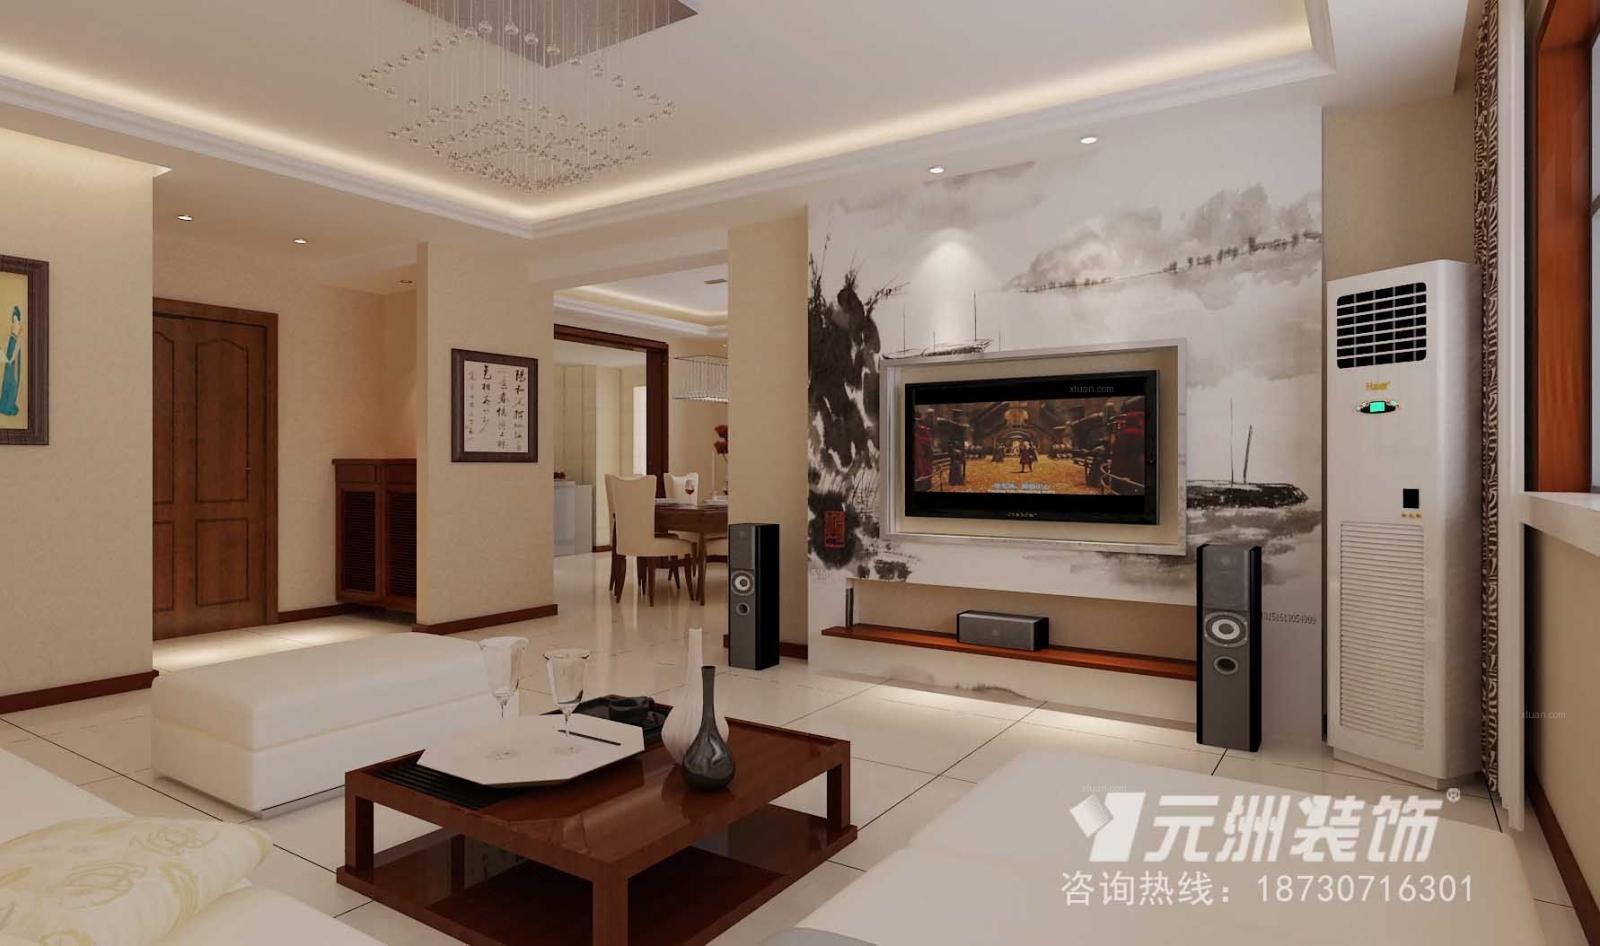 万泰丽景180平米简中式风格装修设计